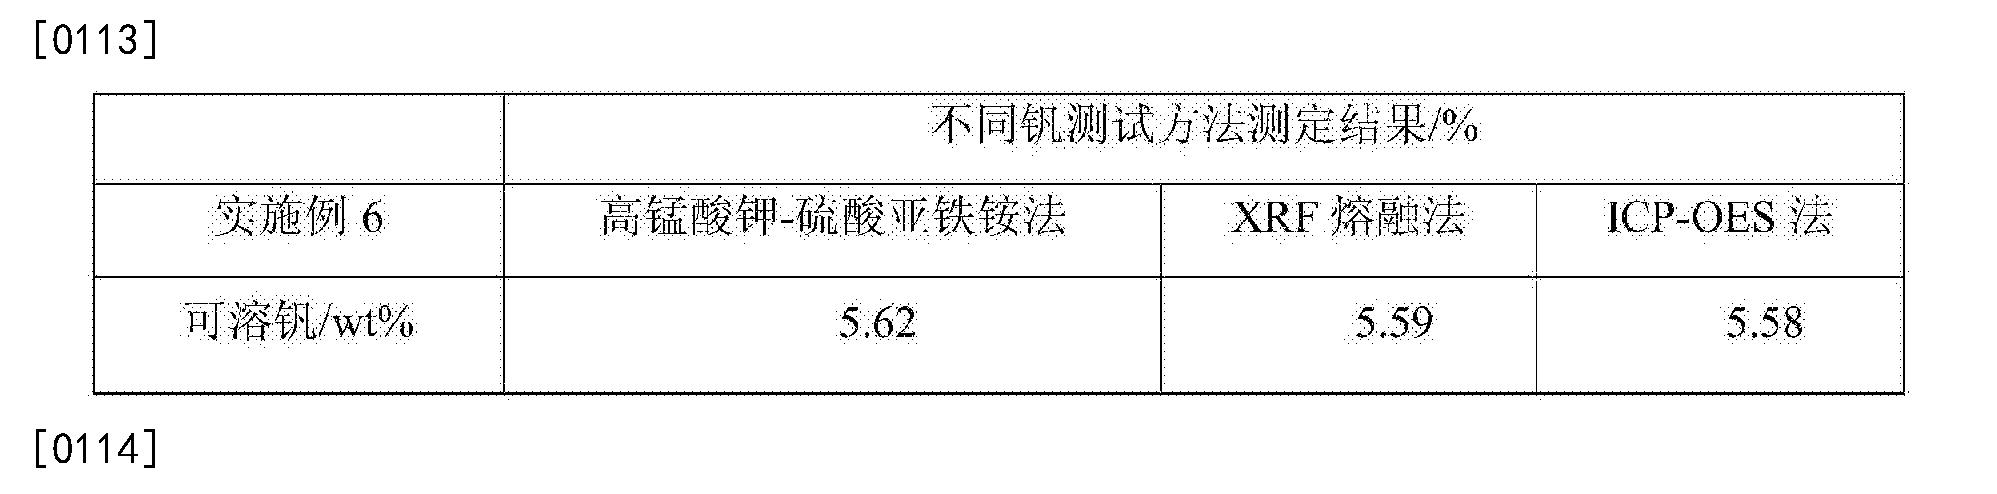 Figure CN104131161BD00104